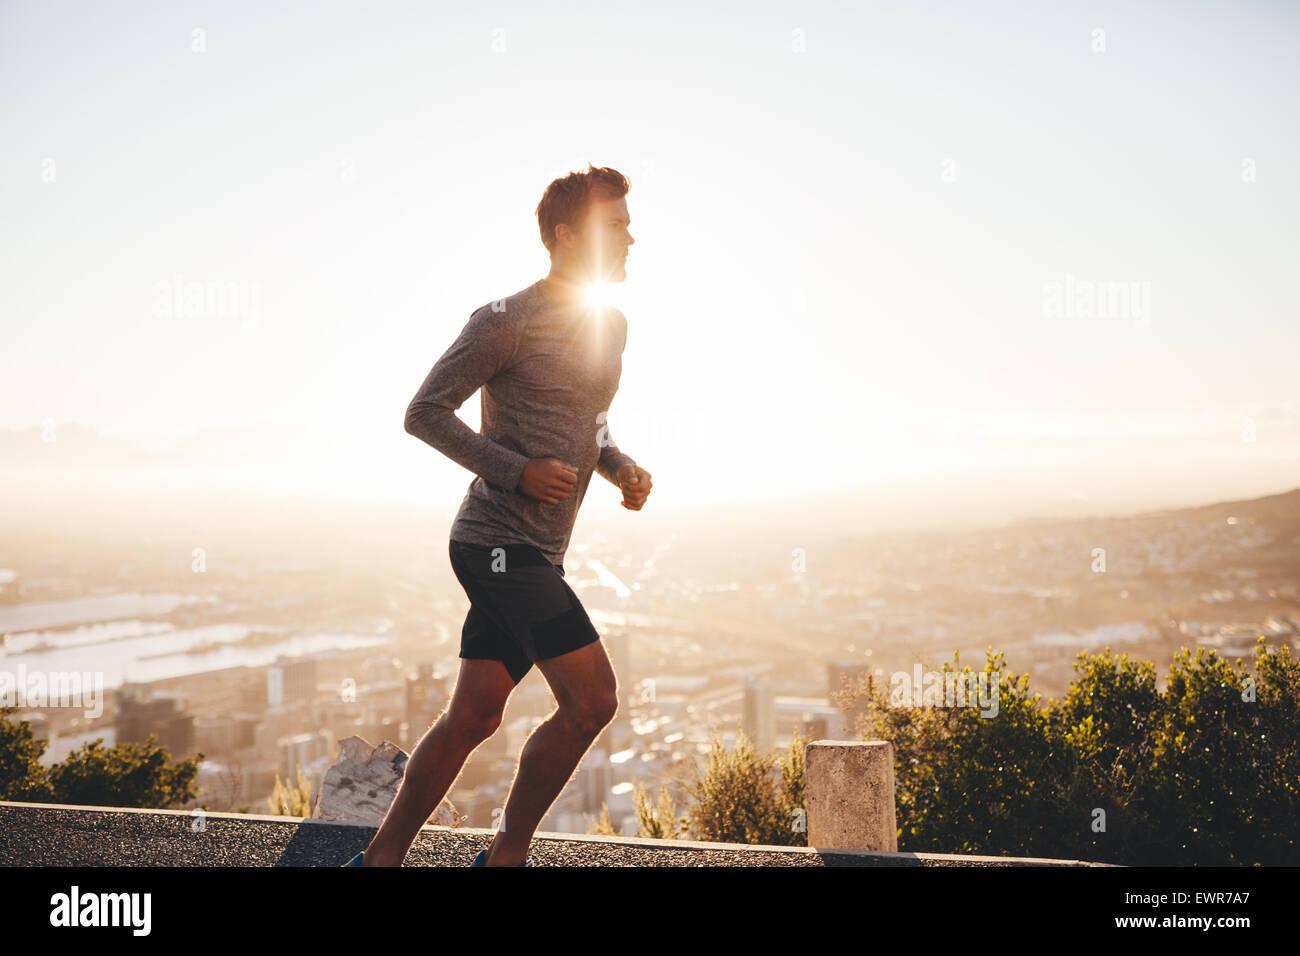 Giovane uomo di formazione nella natura con il sole che tramonta dietro di lui. Giovane uomo su run mattutino all'esterno. Immagini Stock